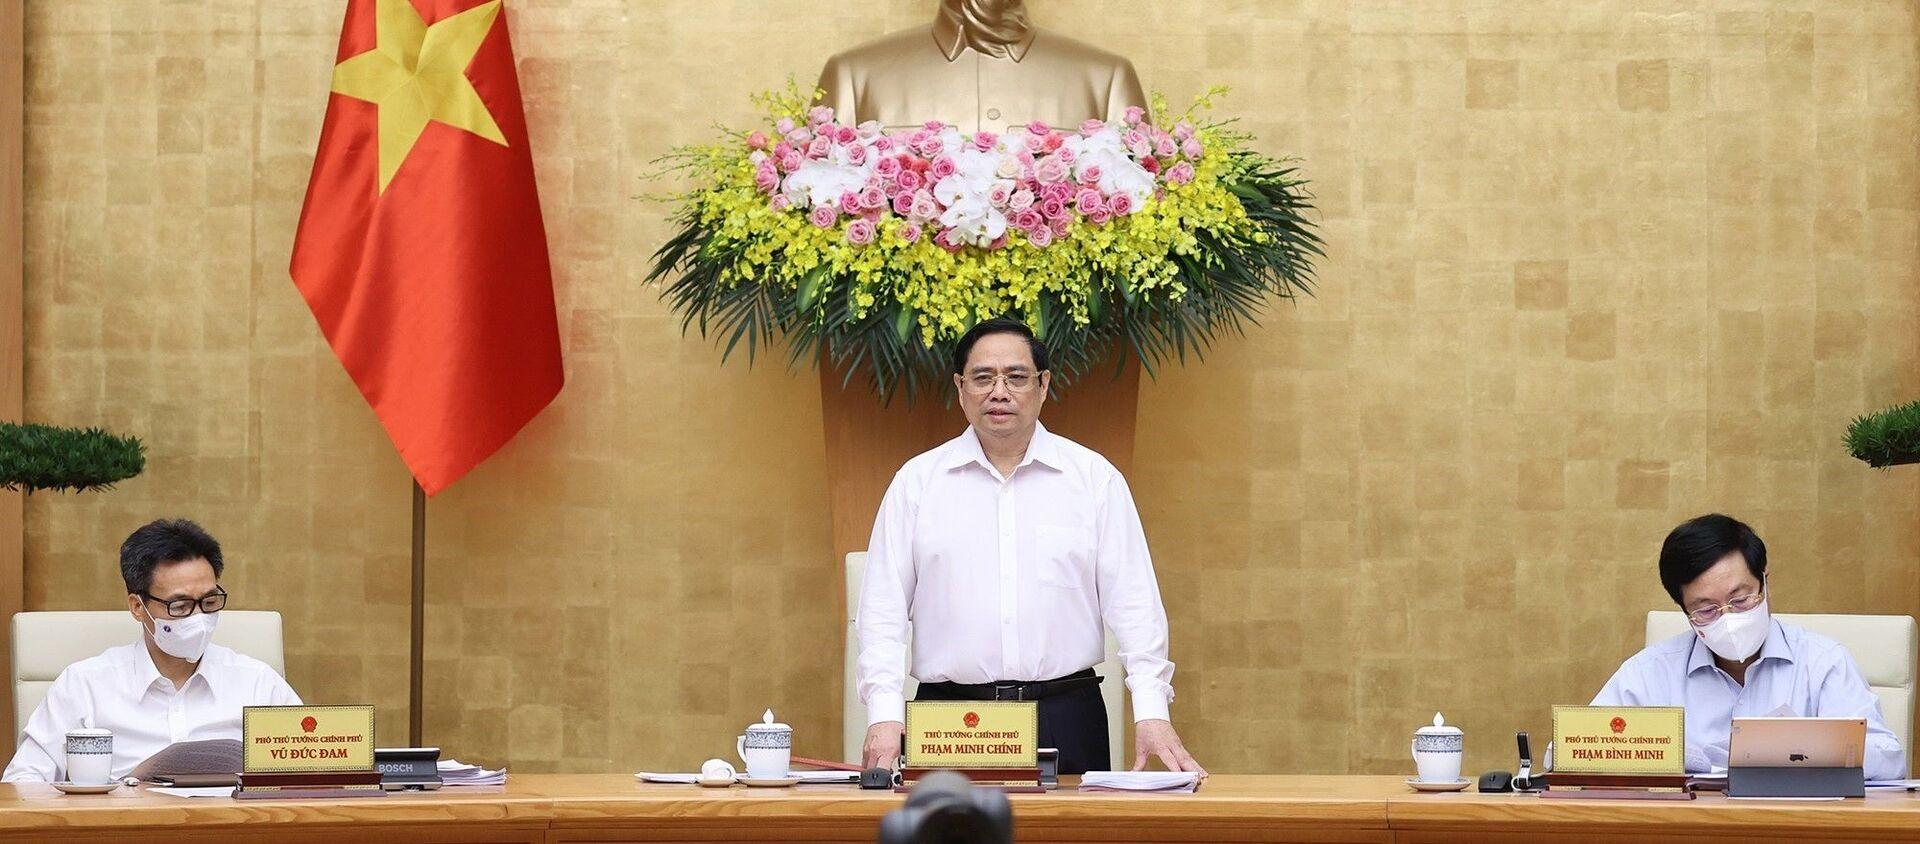 Thủ tướng Phạm Minh Chính chủ trì phiên họp Chính phủ thường kỳ tháng 6/2021 - Sputnik Việt Nam, 1920, 01.07.2021